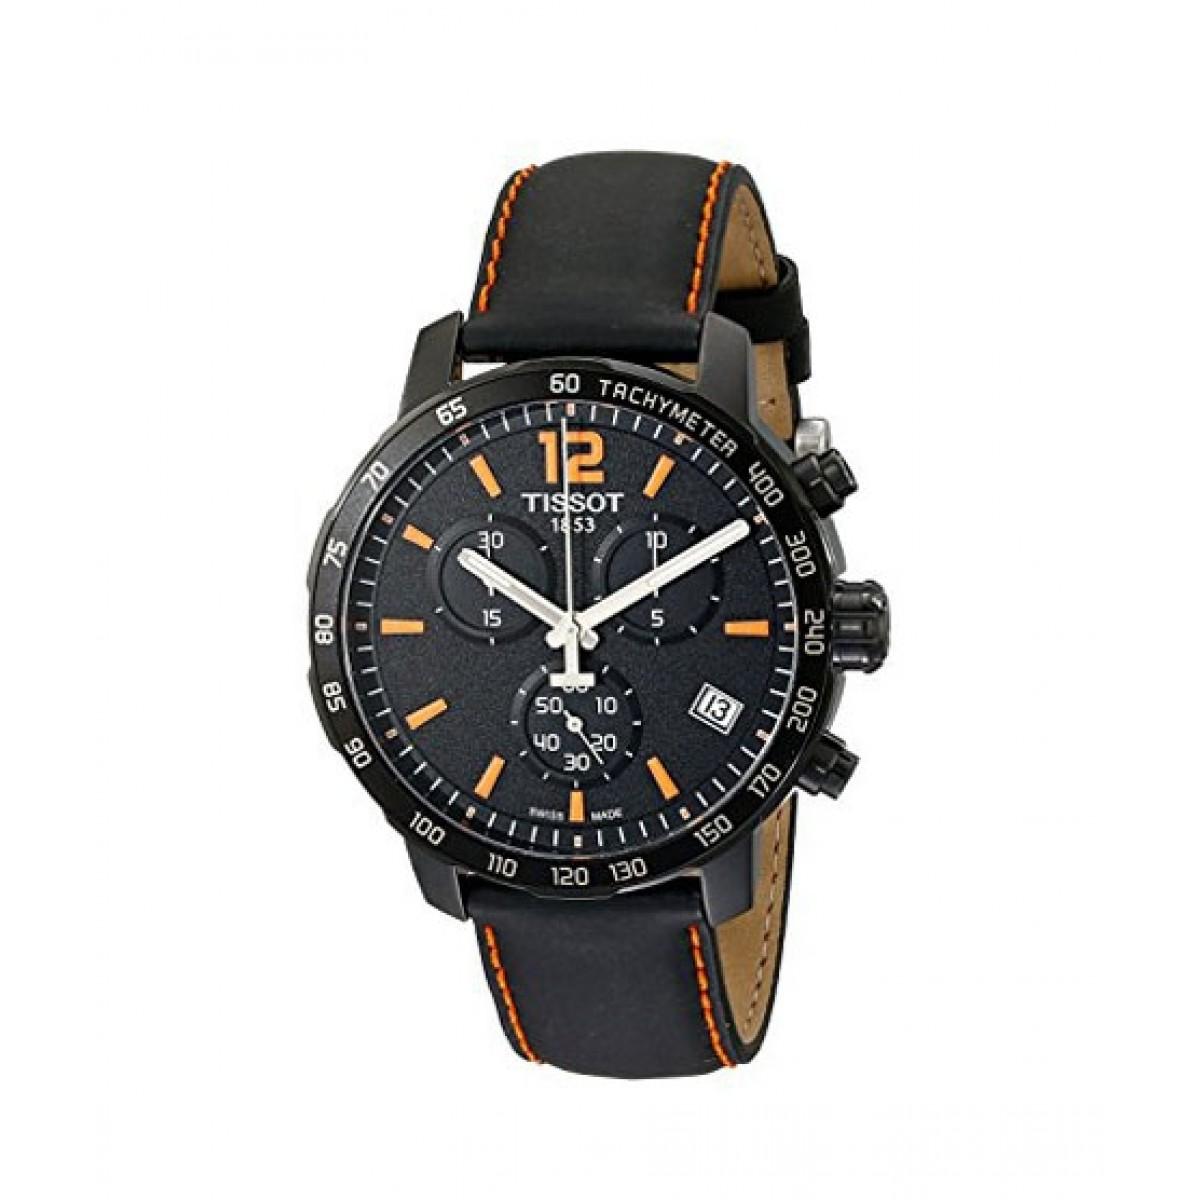 4a84d9cbdde Tissot Quickster Chronograph Men's Watch Price in Pakistan | Buy Tissot  Quickster Chronograph Men's Watch Black (T0954173605700) | iShopping.pk